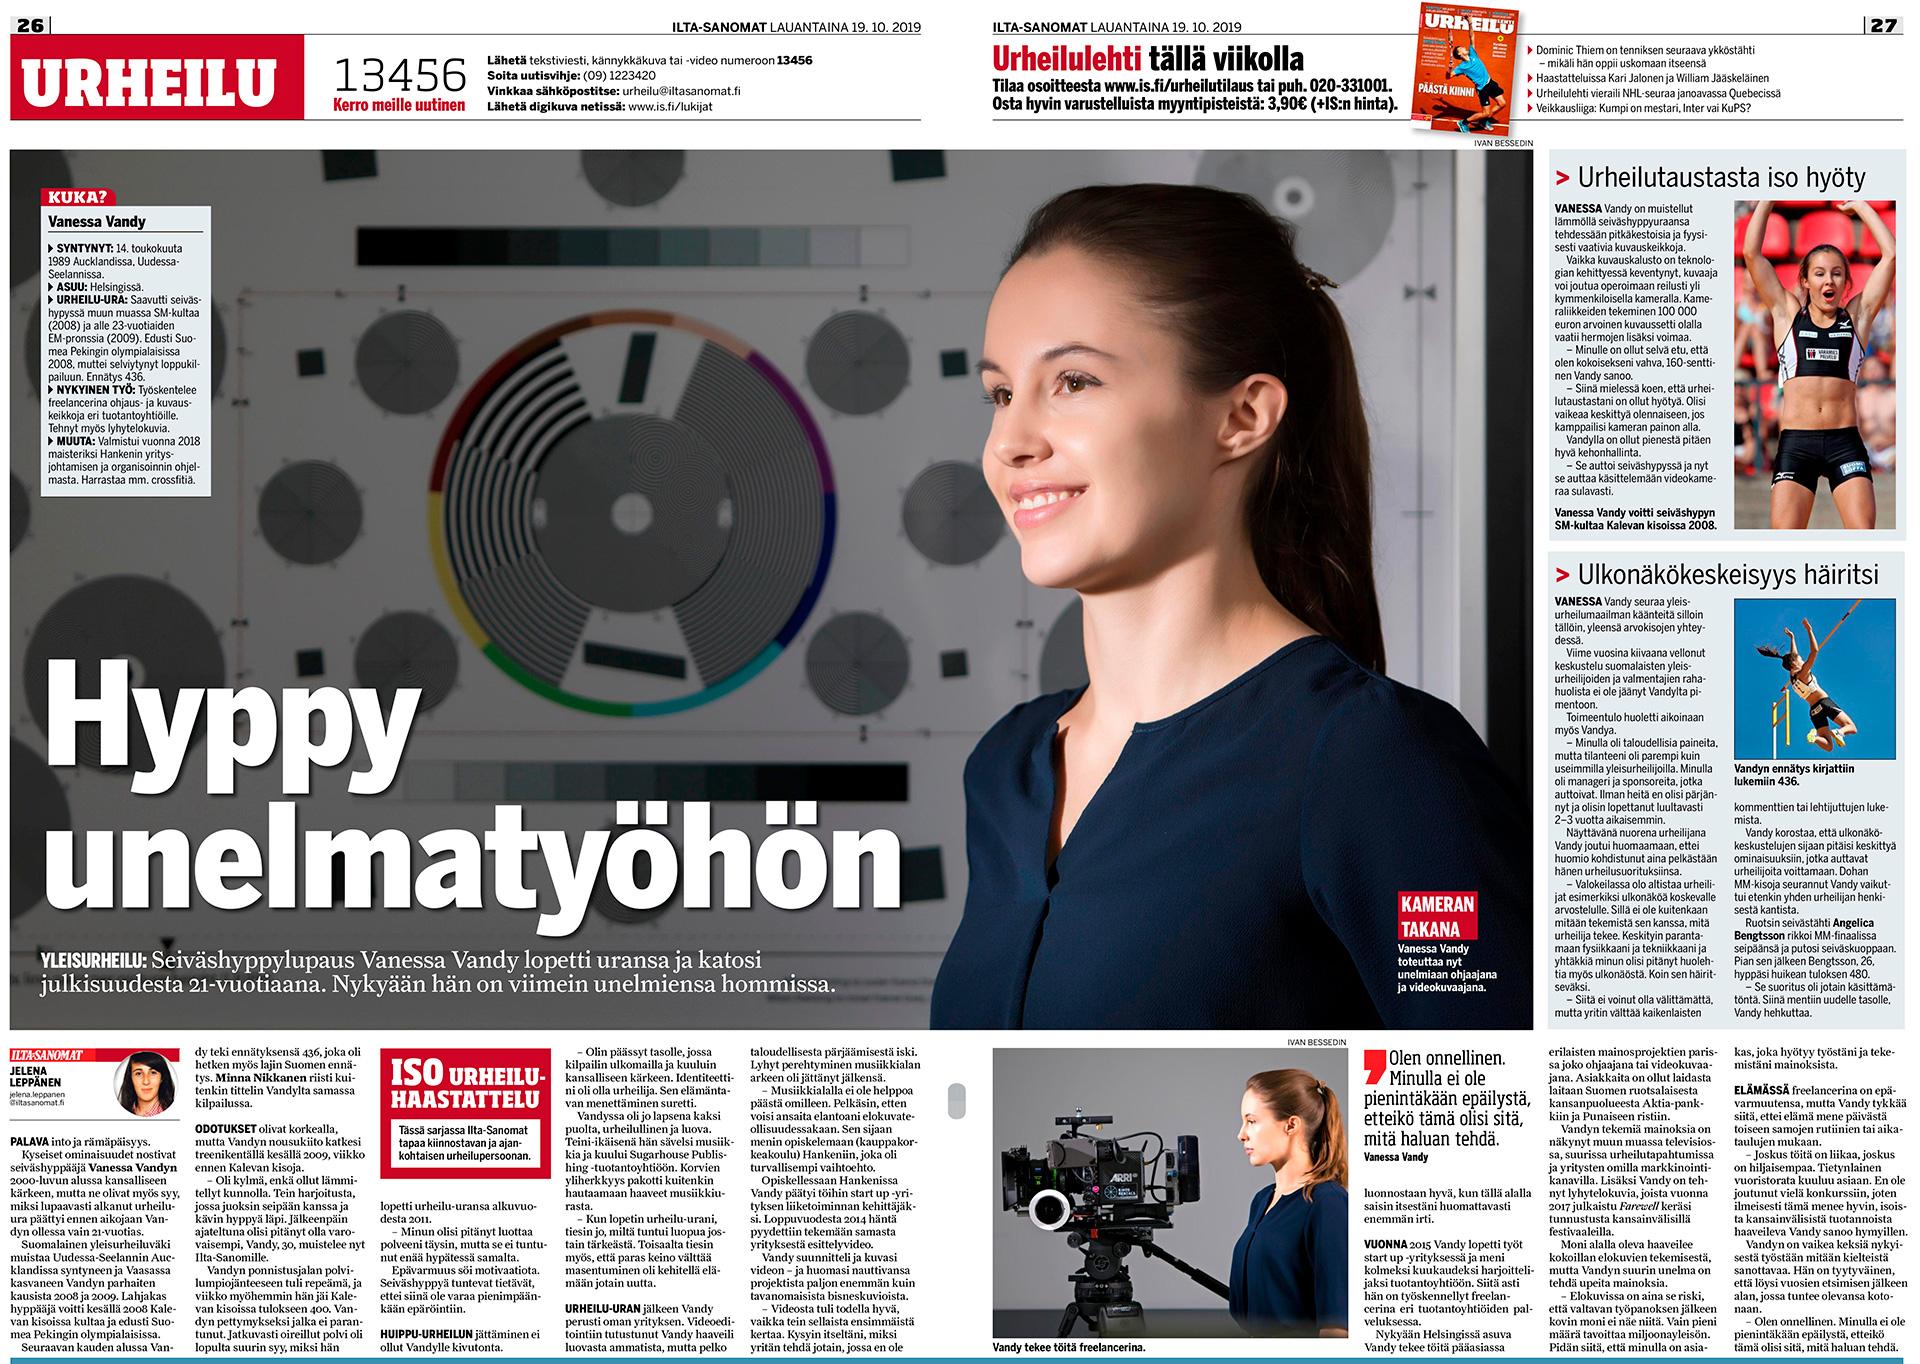 Vanessa Vandy, cinematographer, elokuvaohjaaja, kuvaaja, Seiväshyppy, Pole vault